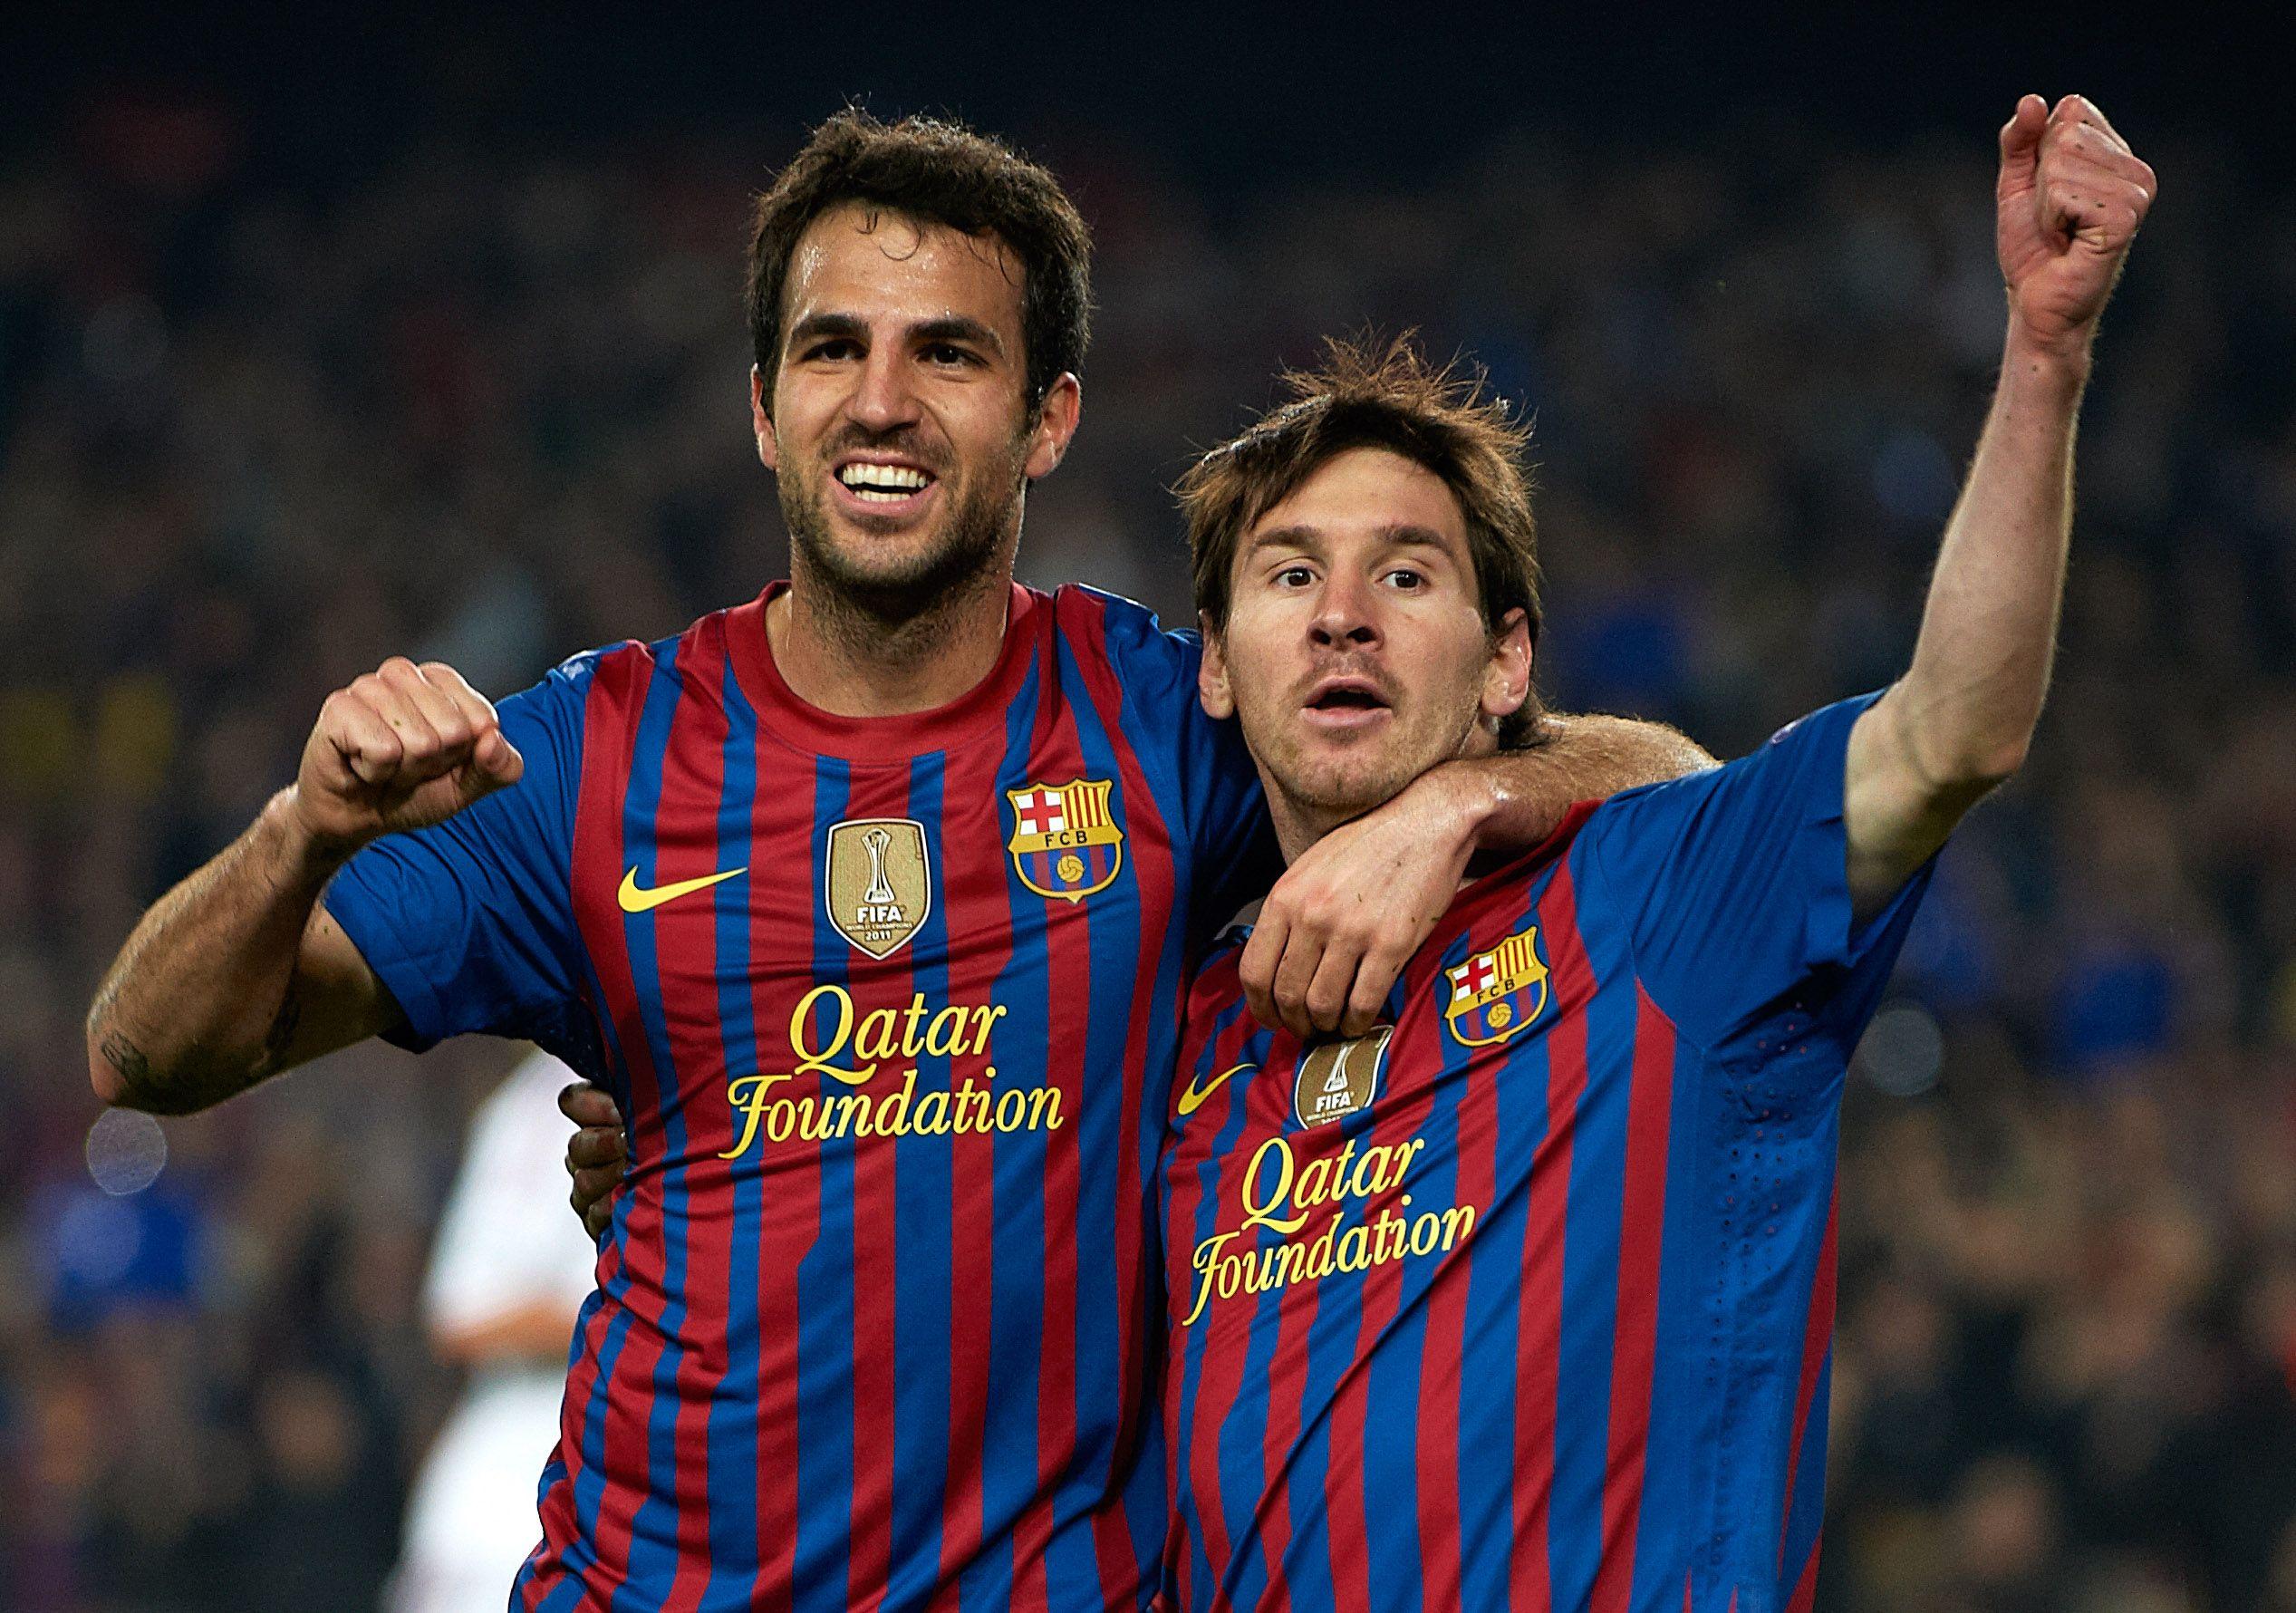 Cesc Fabregas: Tôi cam đoan cậu ấy sẽ kết thúc sự nghiệp tại Barcelona - Bóng Đá